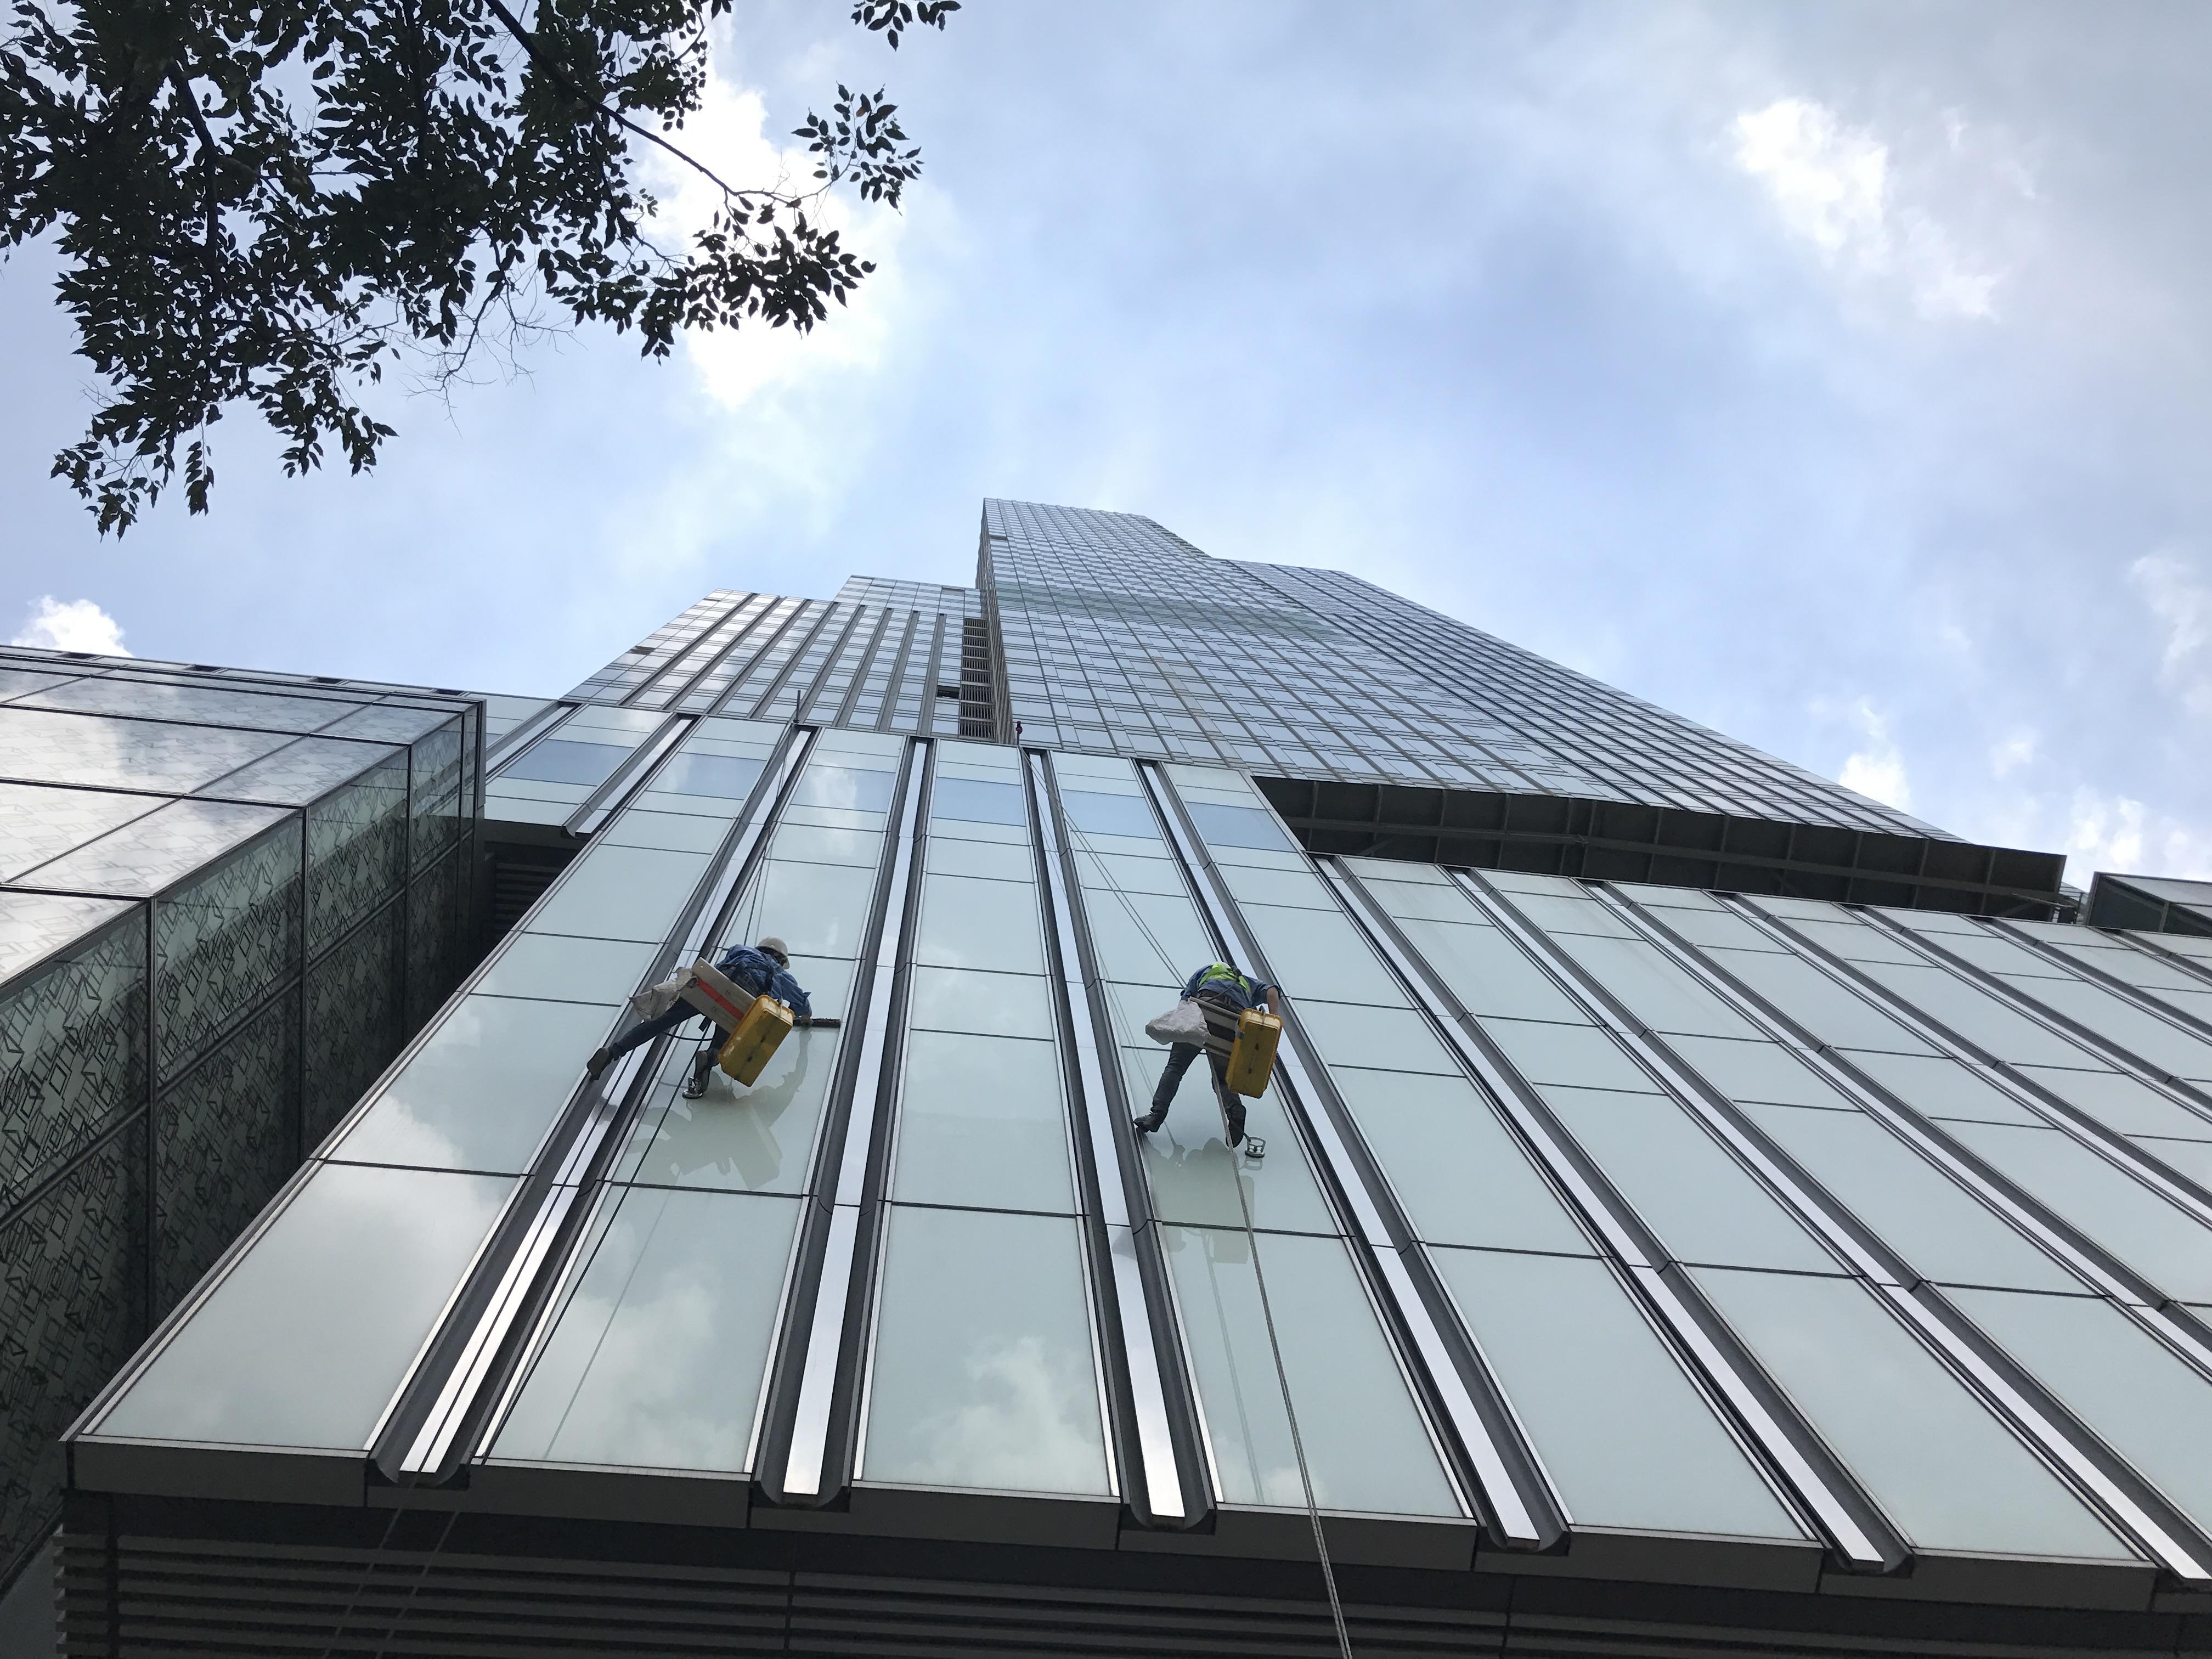 Lau kính nhà cao tầng nghề mới tại các thành phố lớn hiện nay